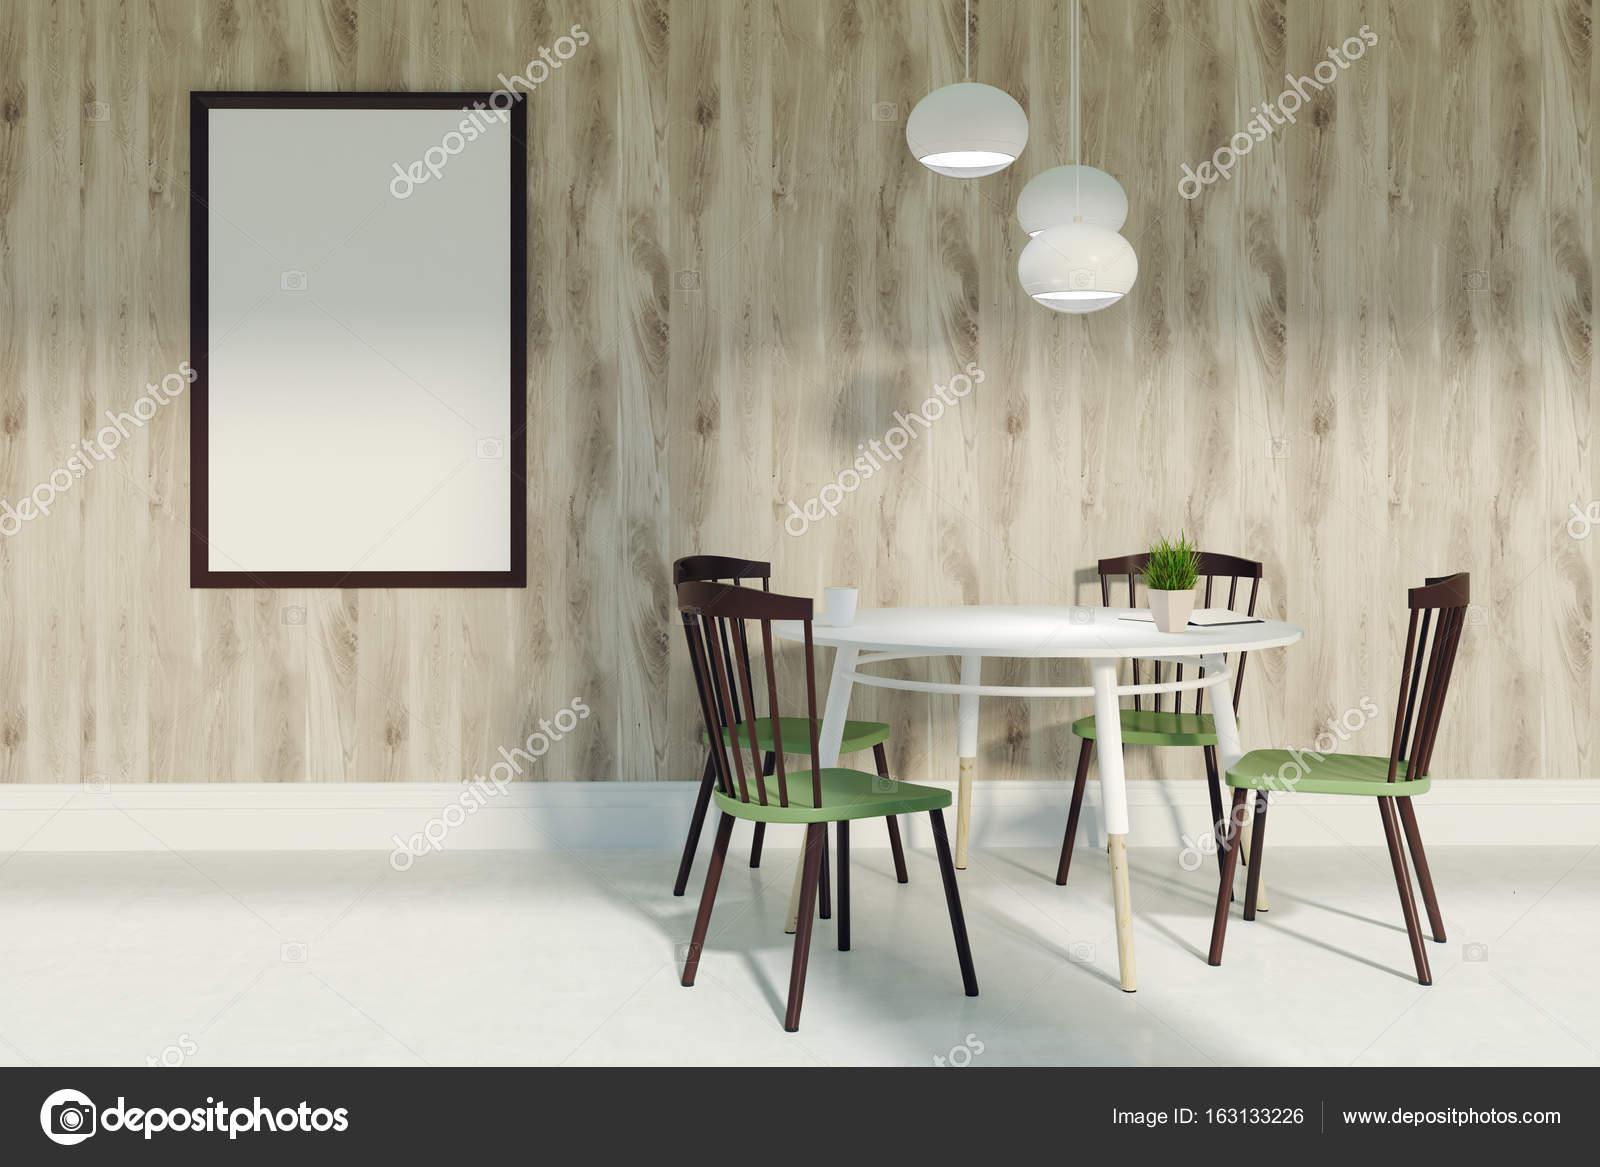 Esszimmer mit grünen und braunen Stühlen und poster — Stockfoto ...